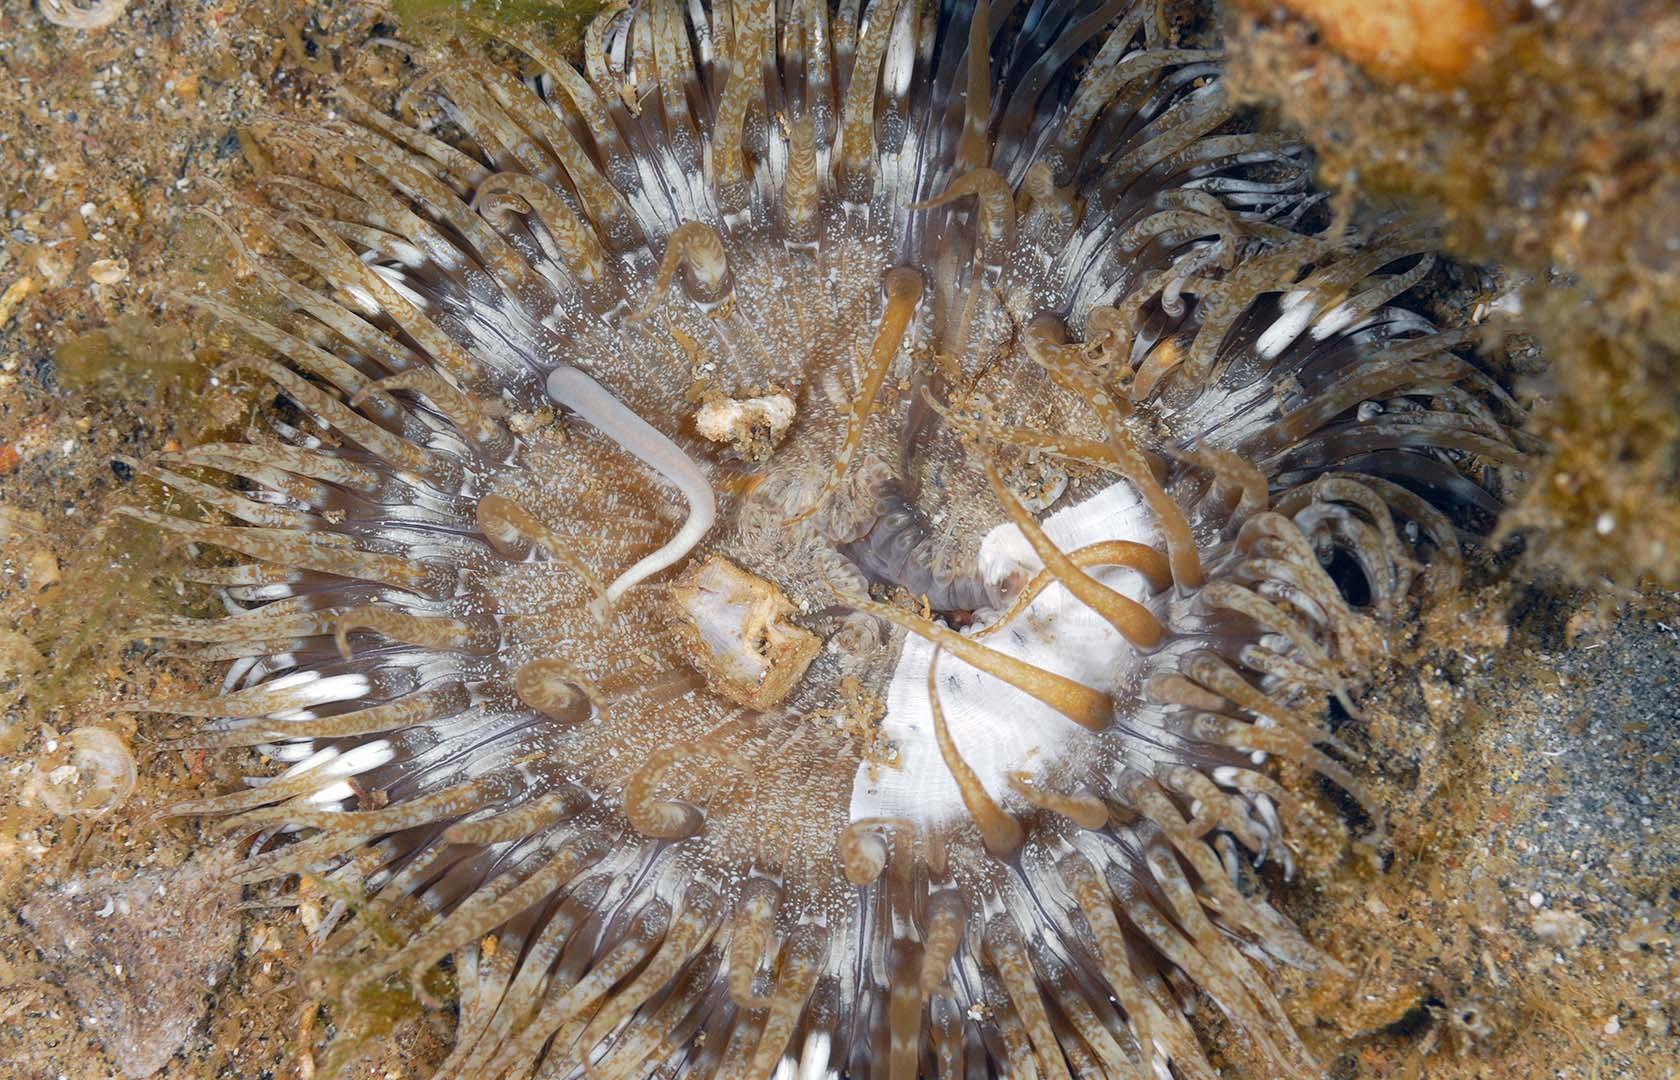 Con las células urticantes de sus tentáculos atrapa su alimento.